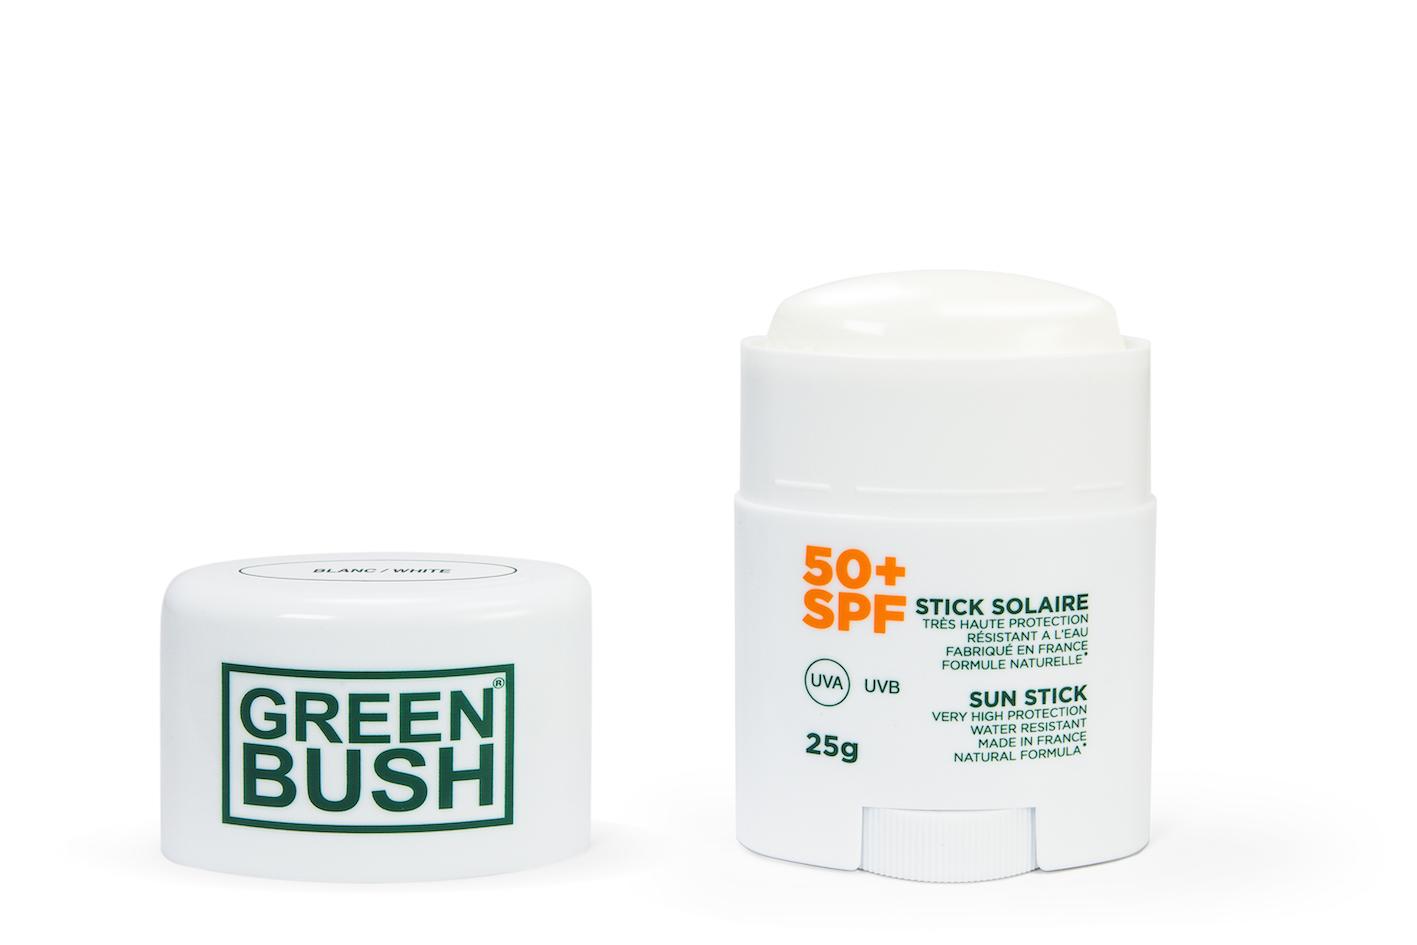 Greenbush SS20 Sun Cream Preview